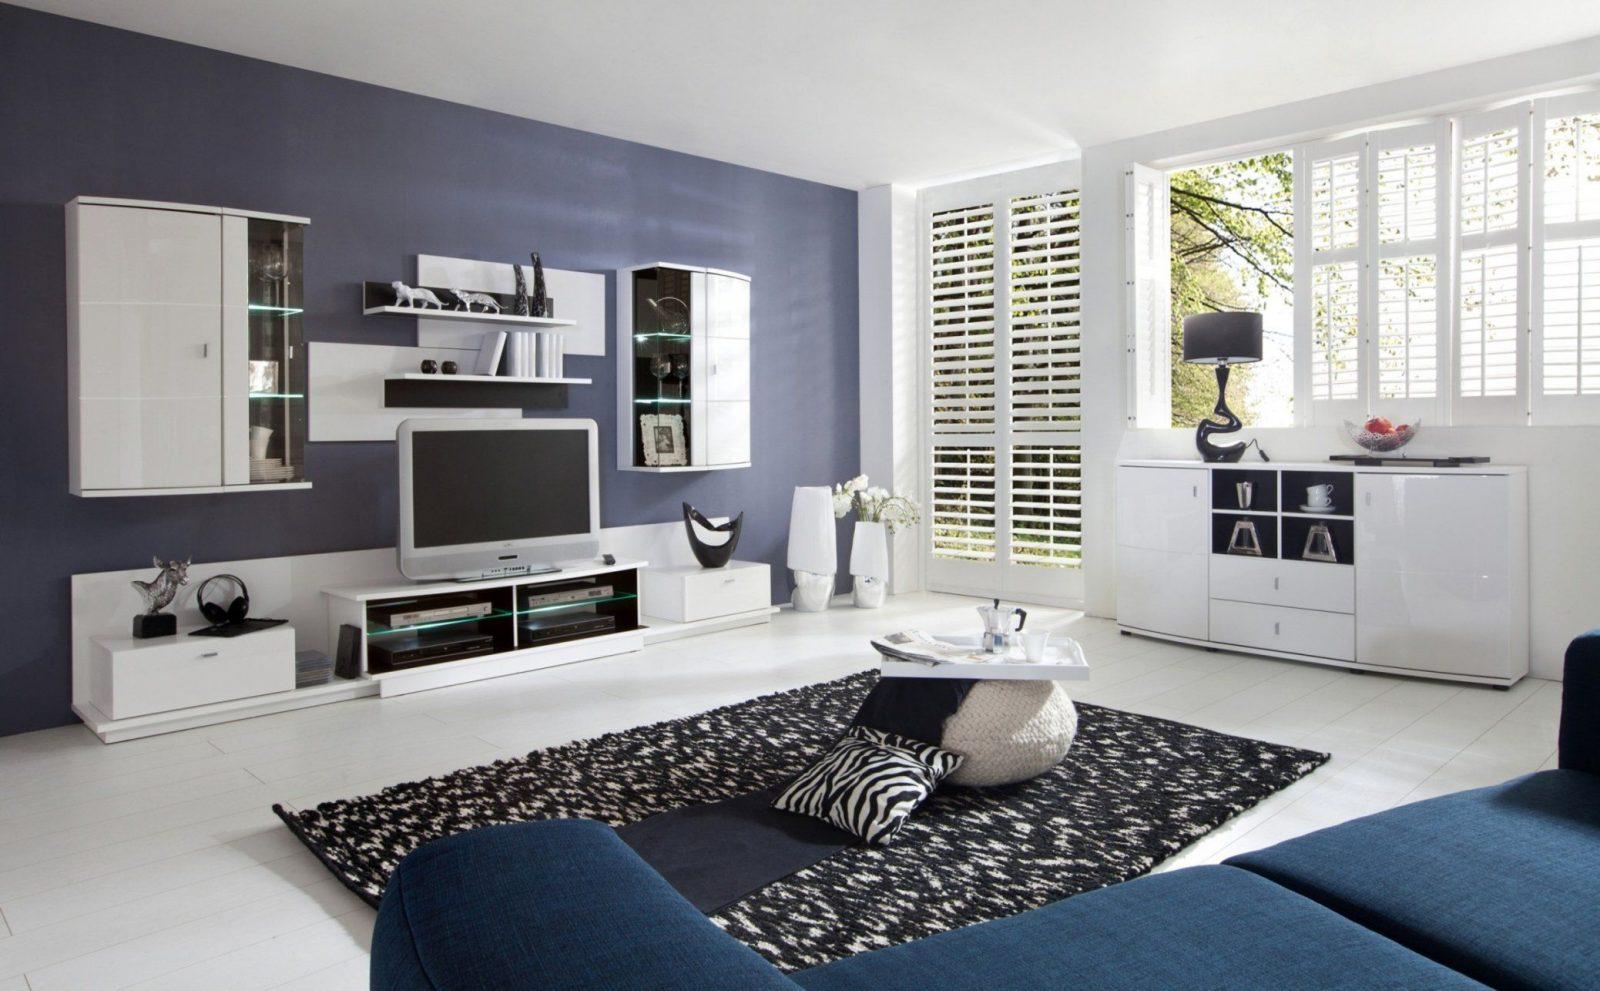 Cool Bilder Fürs Wohnzimmer Modern Für Kleine Zimmer Zum Lampen von Bilder Fürs Wohnzimmer Modern Bild